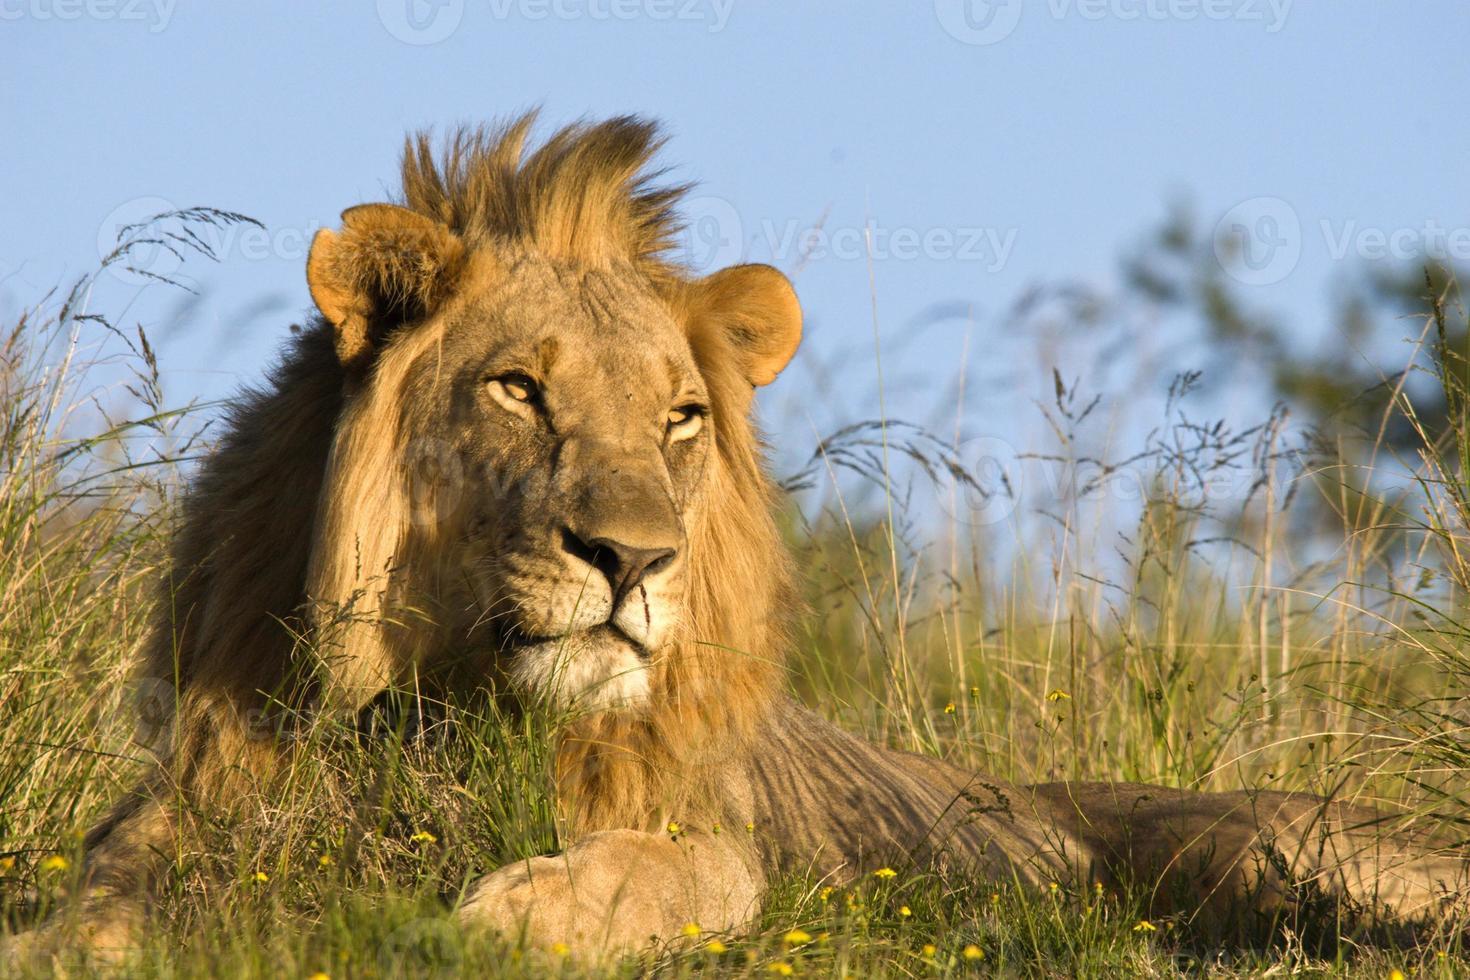 närbild av manlig lejon i naturlig livsmiljö foto